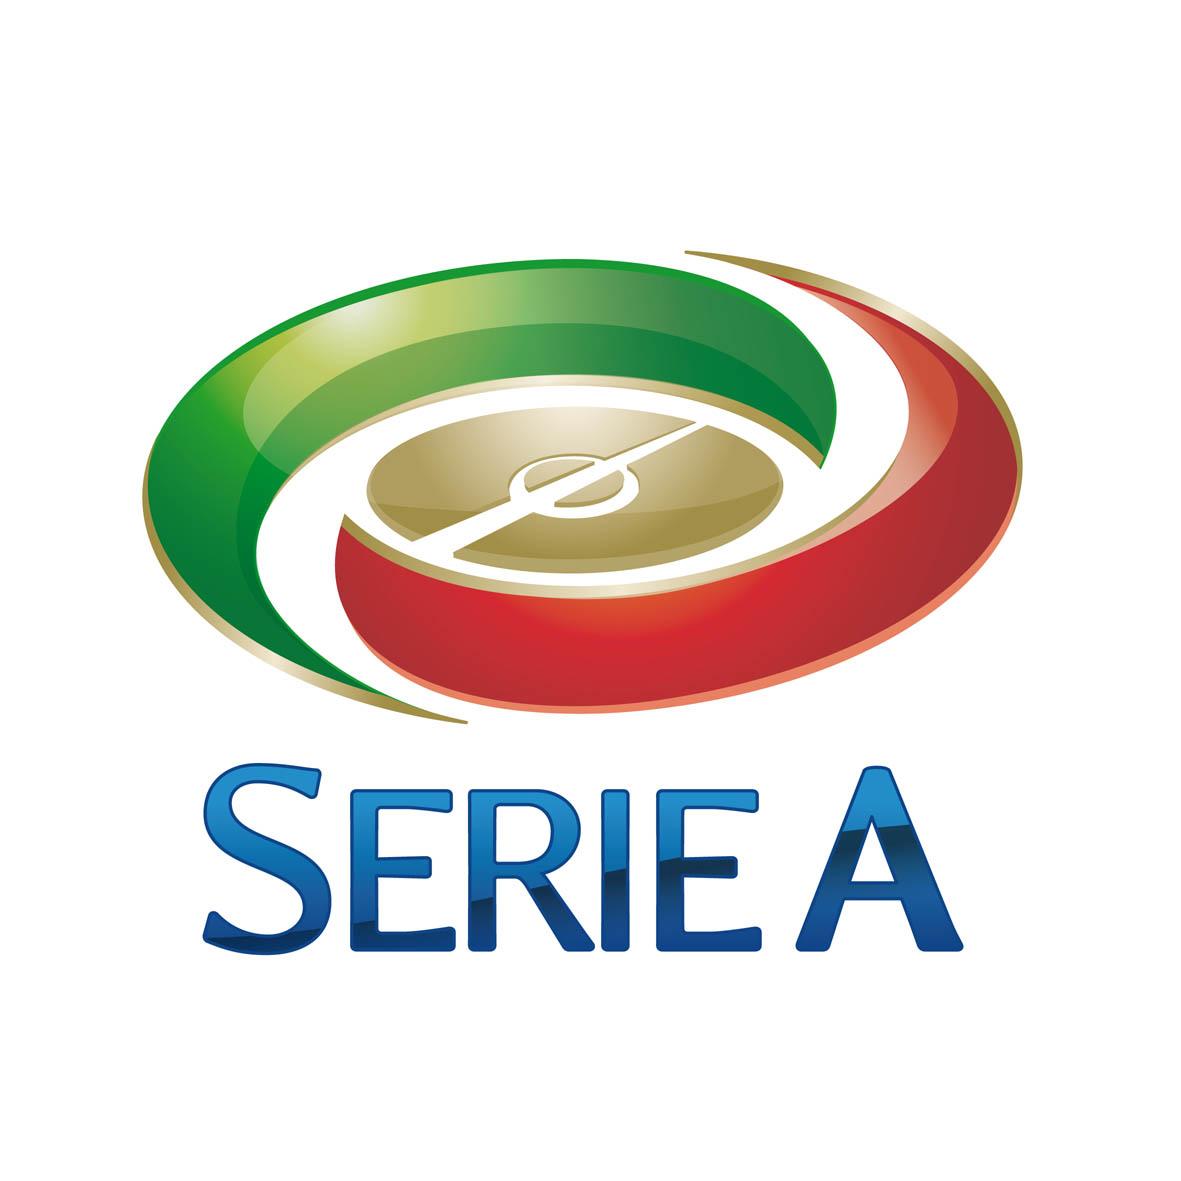 Logo della serie A